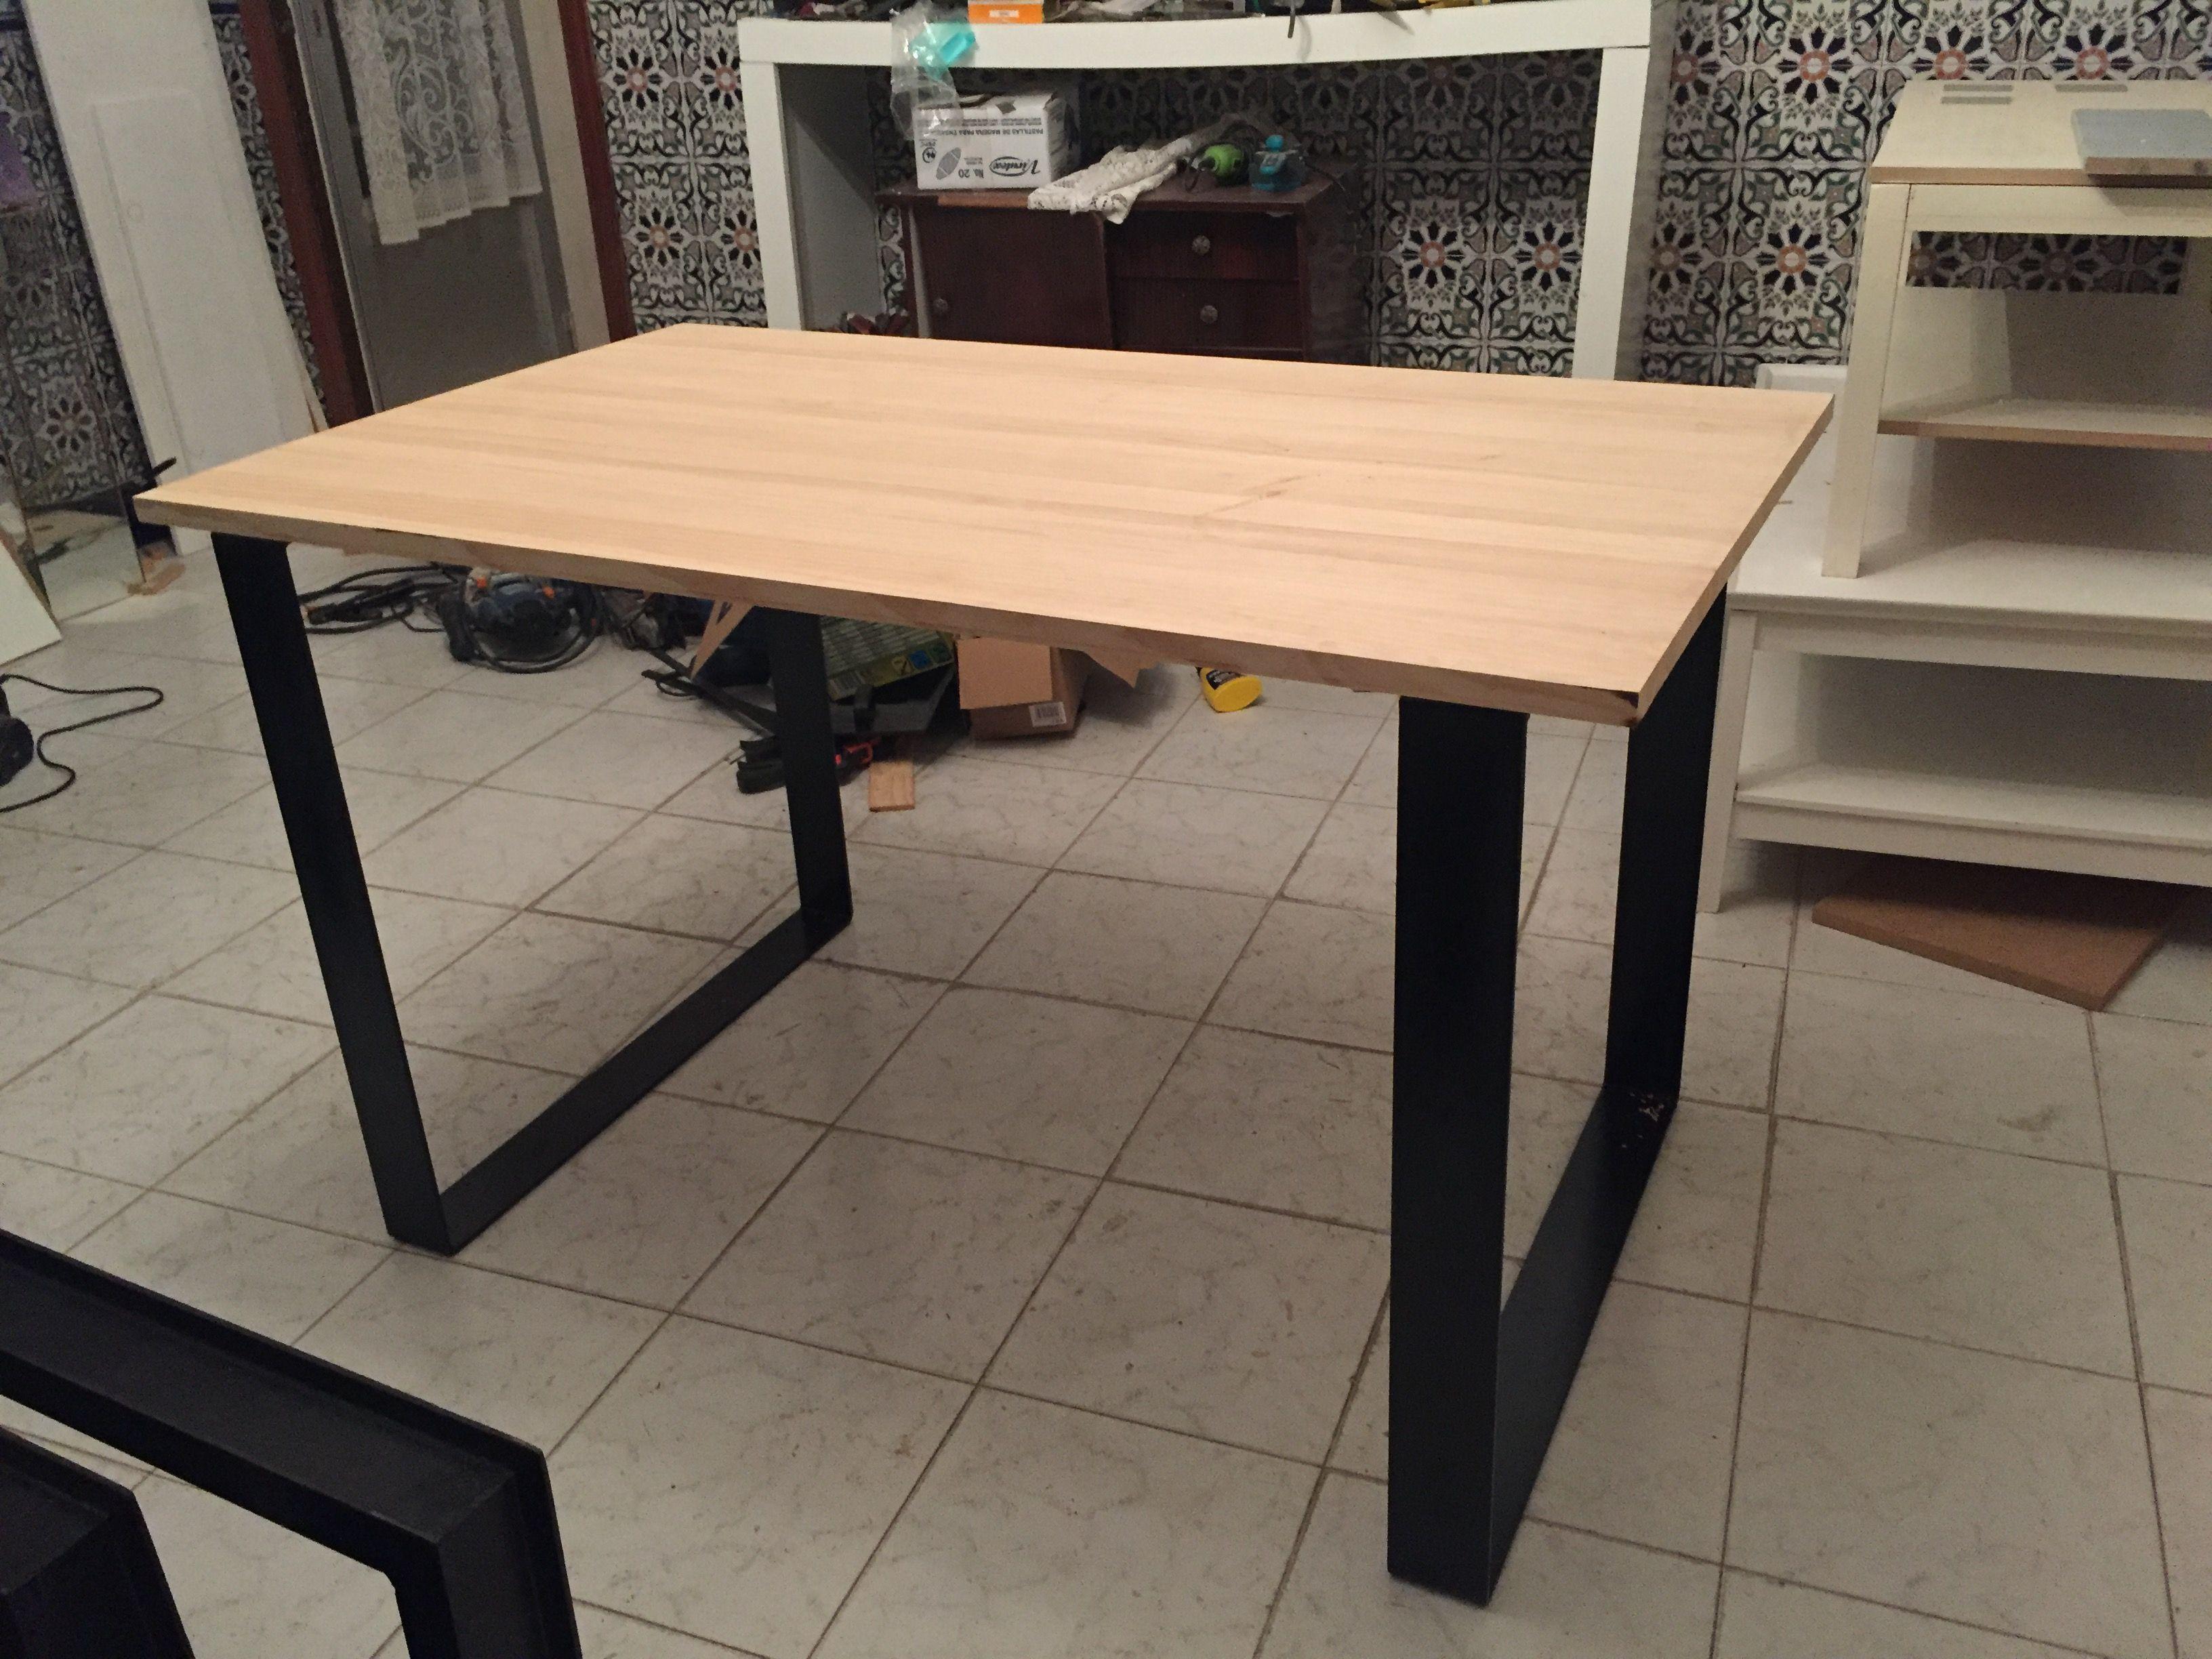 Mesa estilo industrial vendida en wallapop 280 euros hacen m s medidas mesa estilo industrial - Wallapop mesa comedor ...